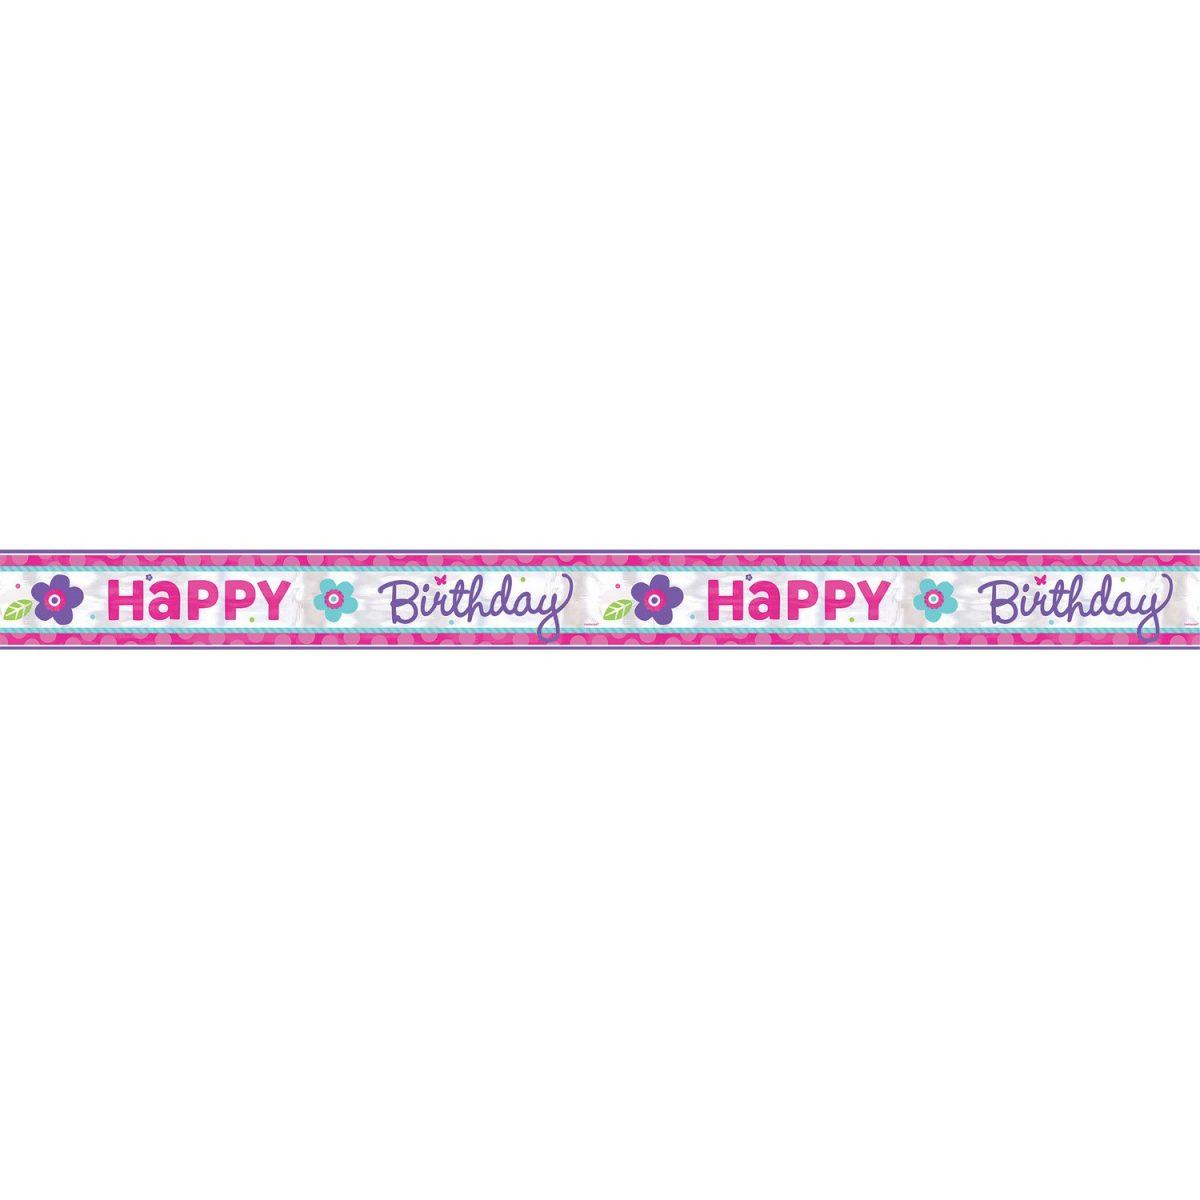 μπάνερ happy birthday ροζ